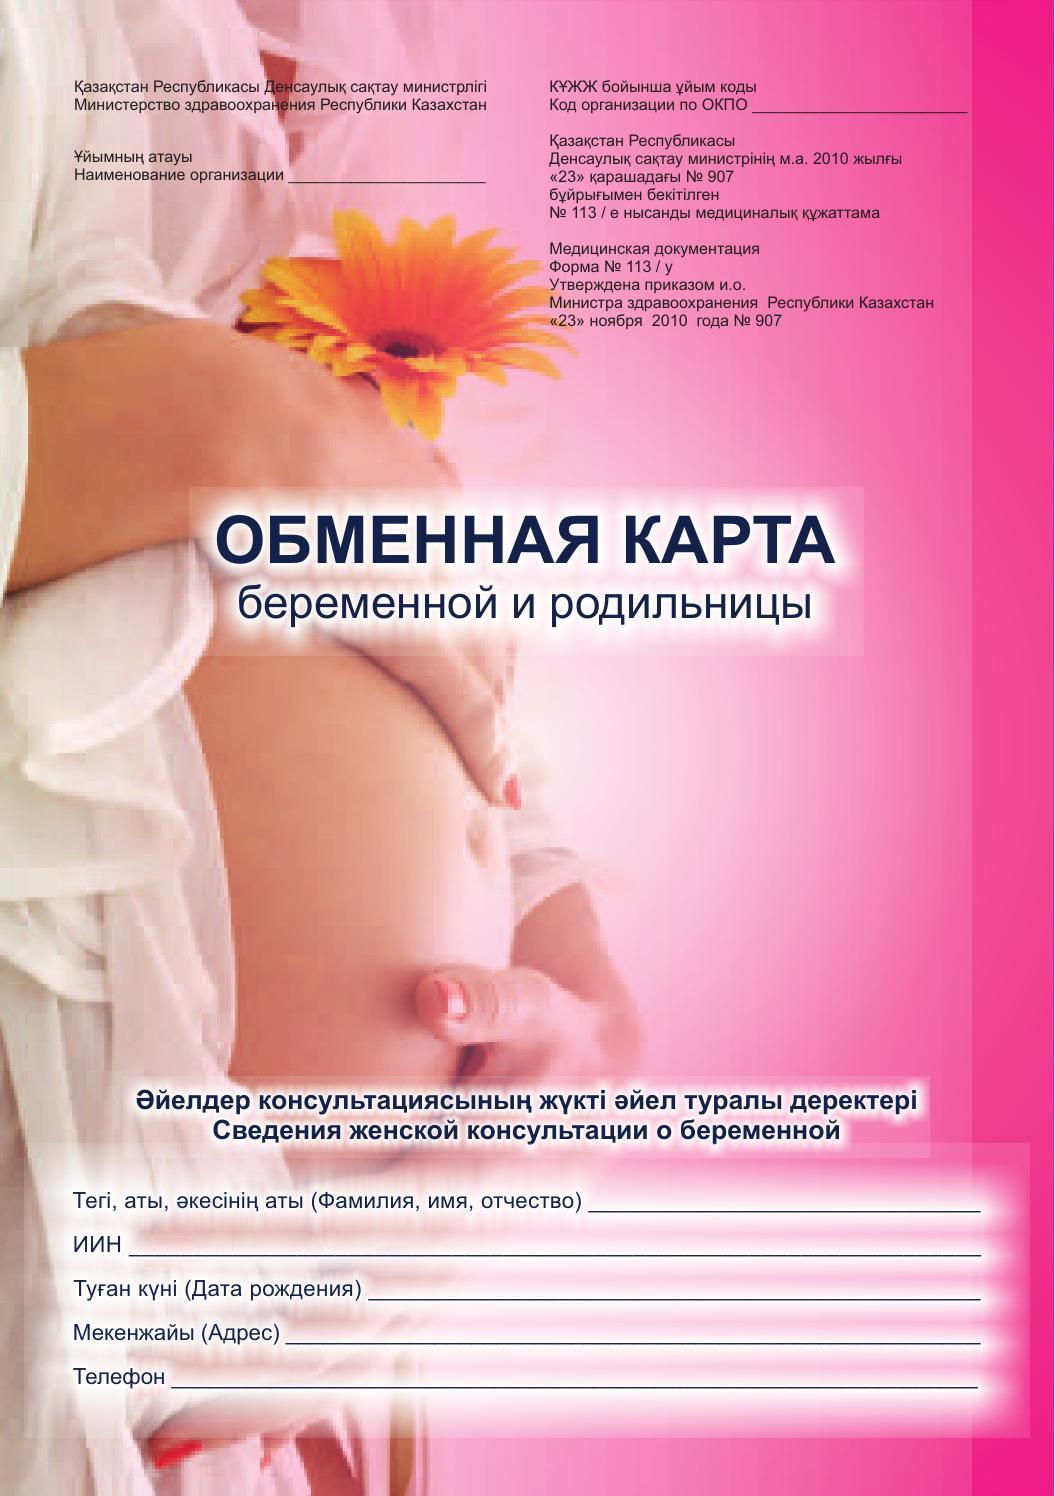 Подписанные беременных